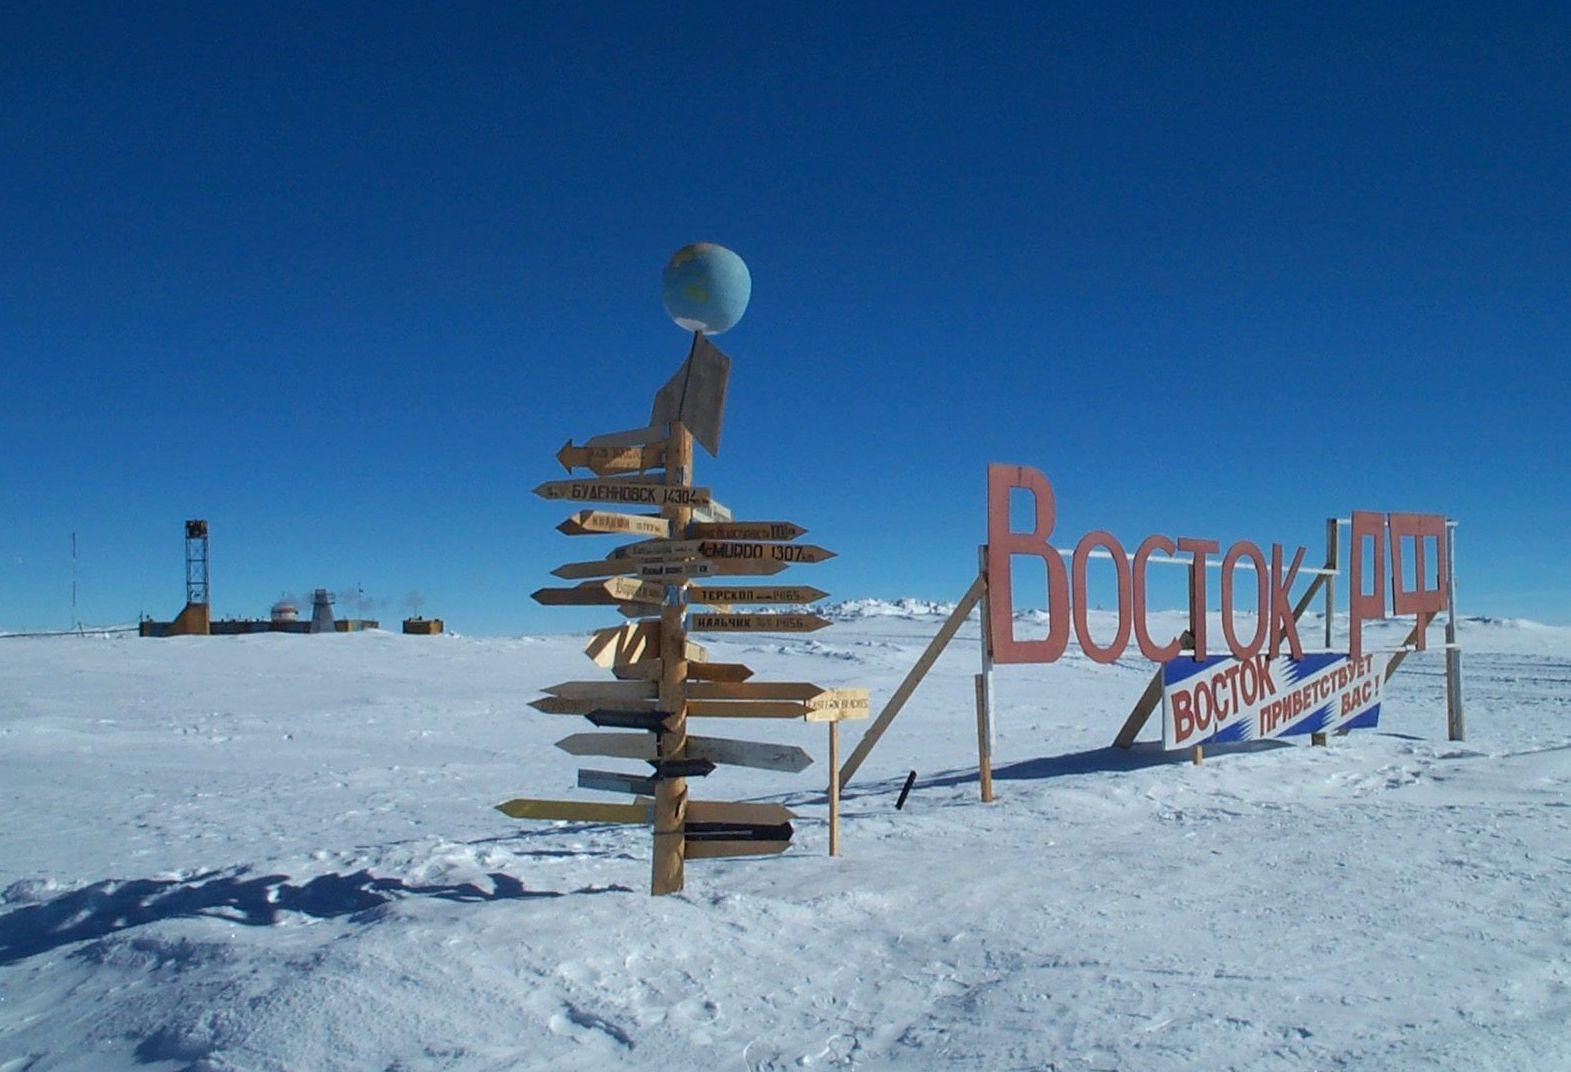 Окрестности российской станции Восток в Антарктиде